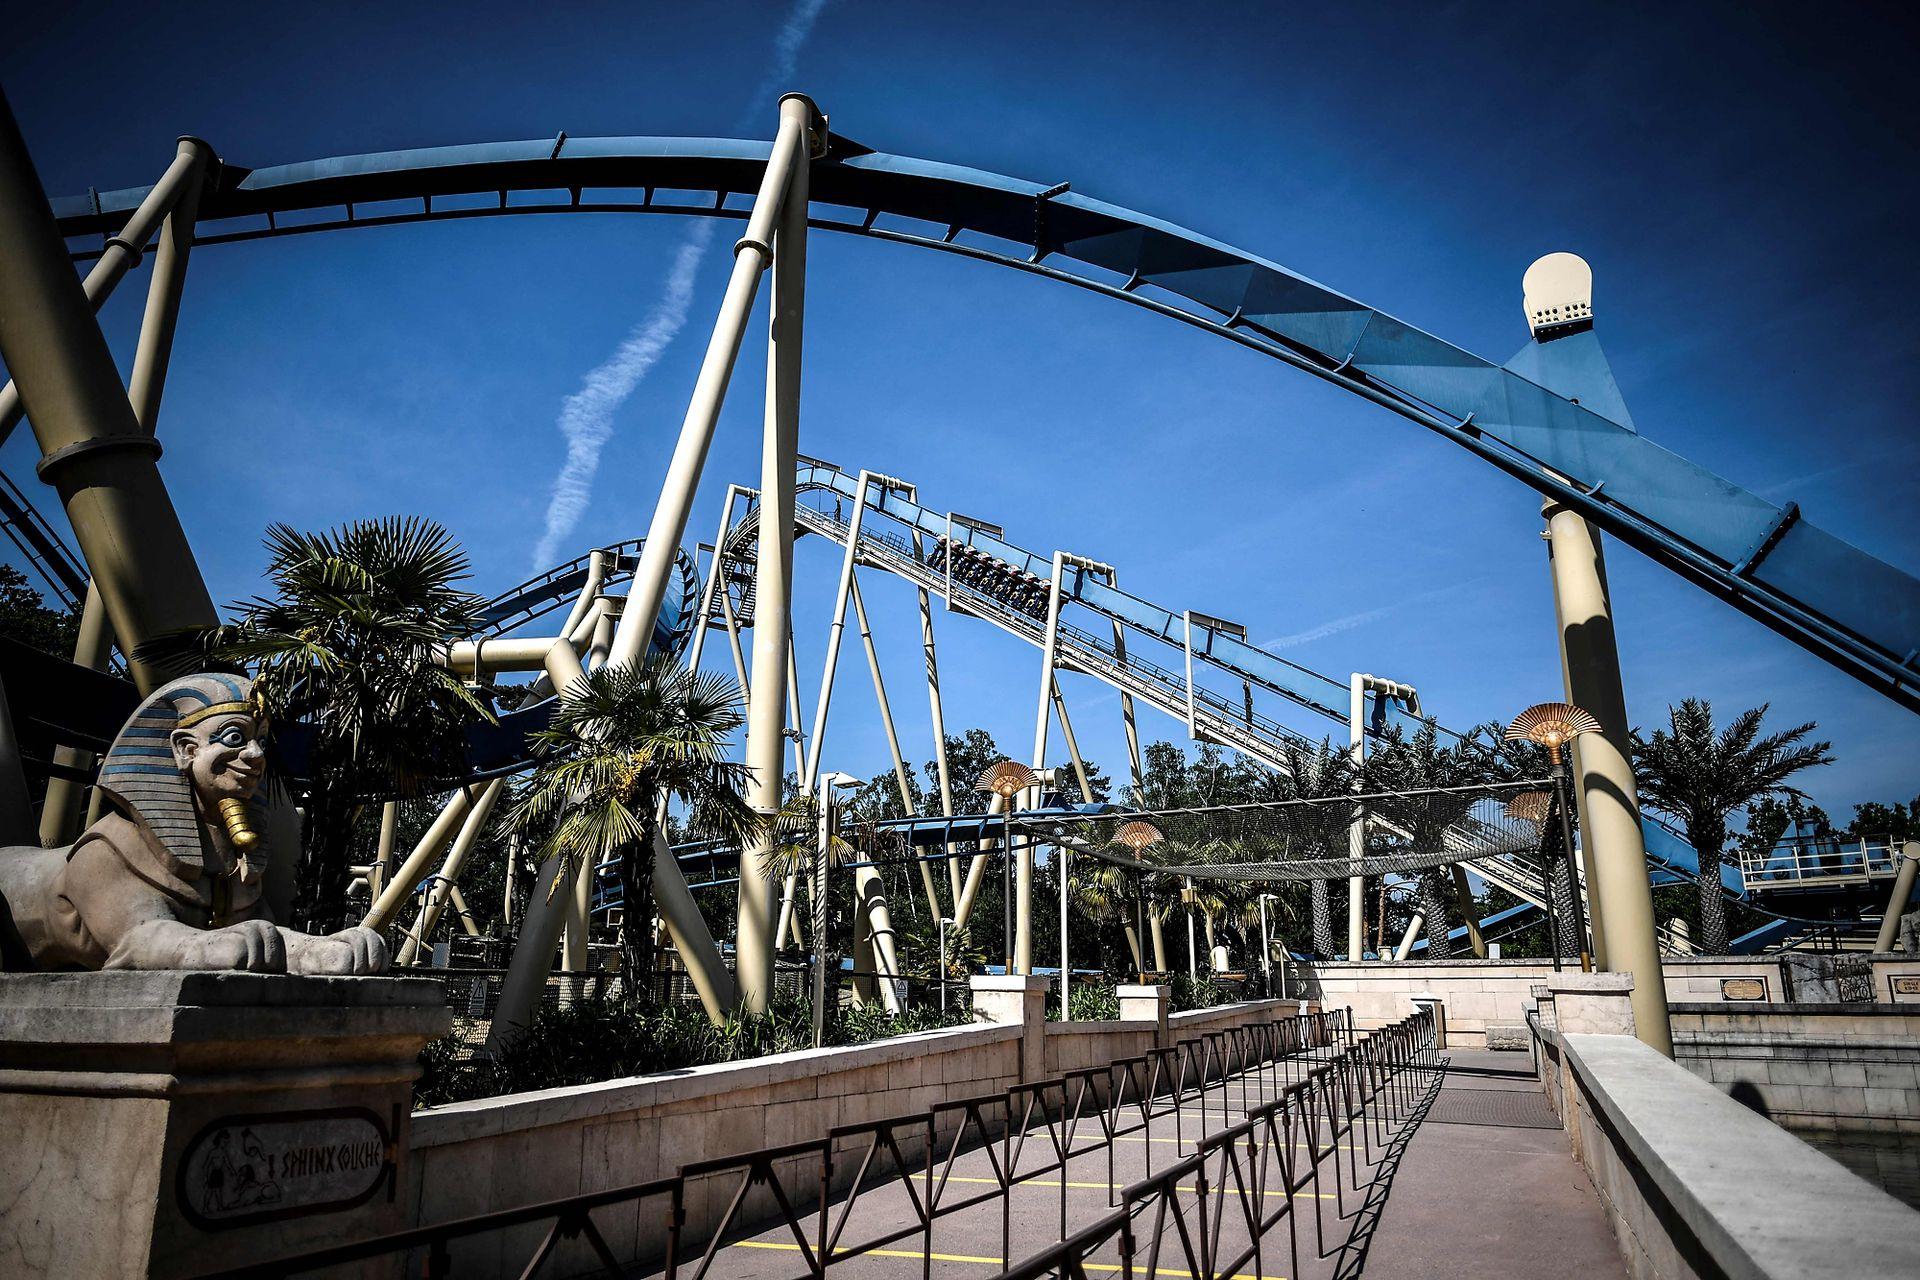 El parque inaugurado el 30 de abril de 1989 es el décimo parque más grande del mundo.